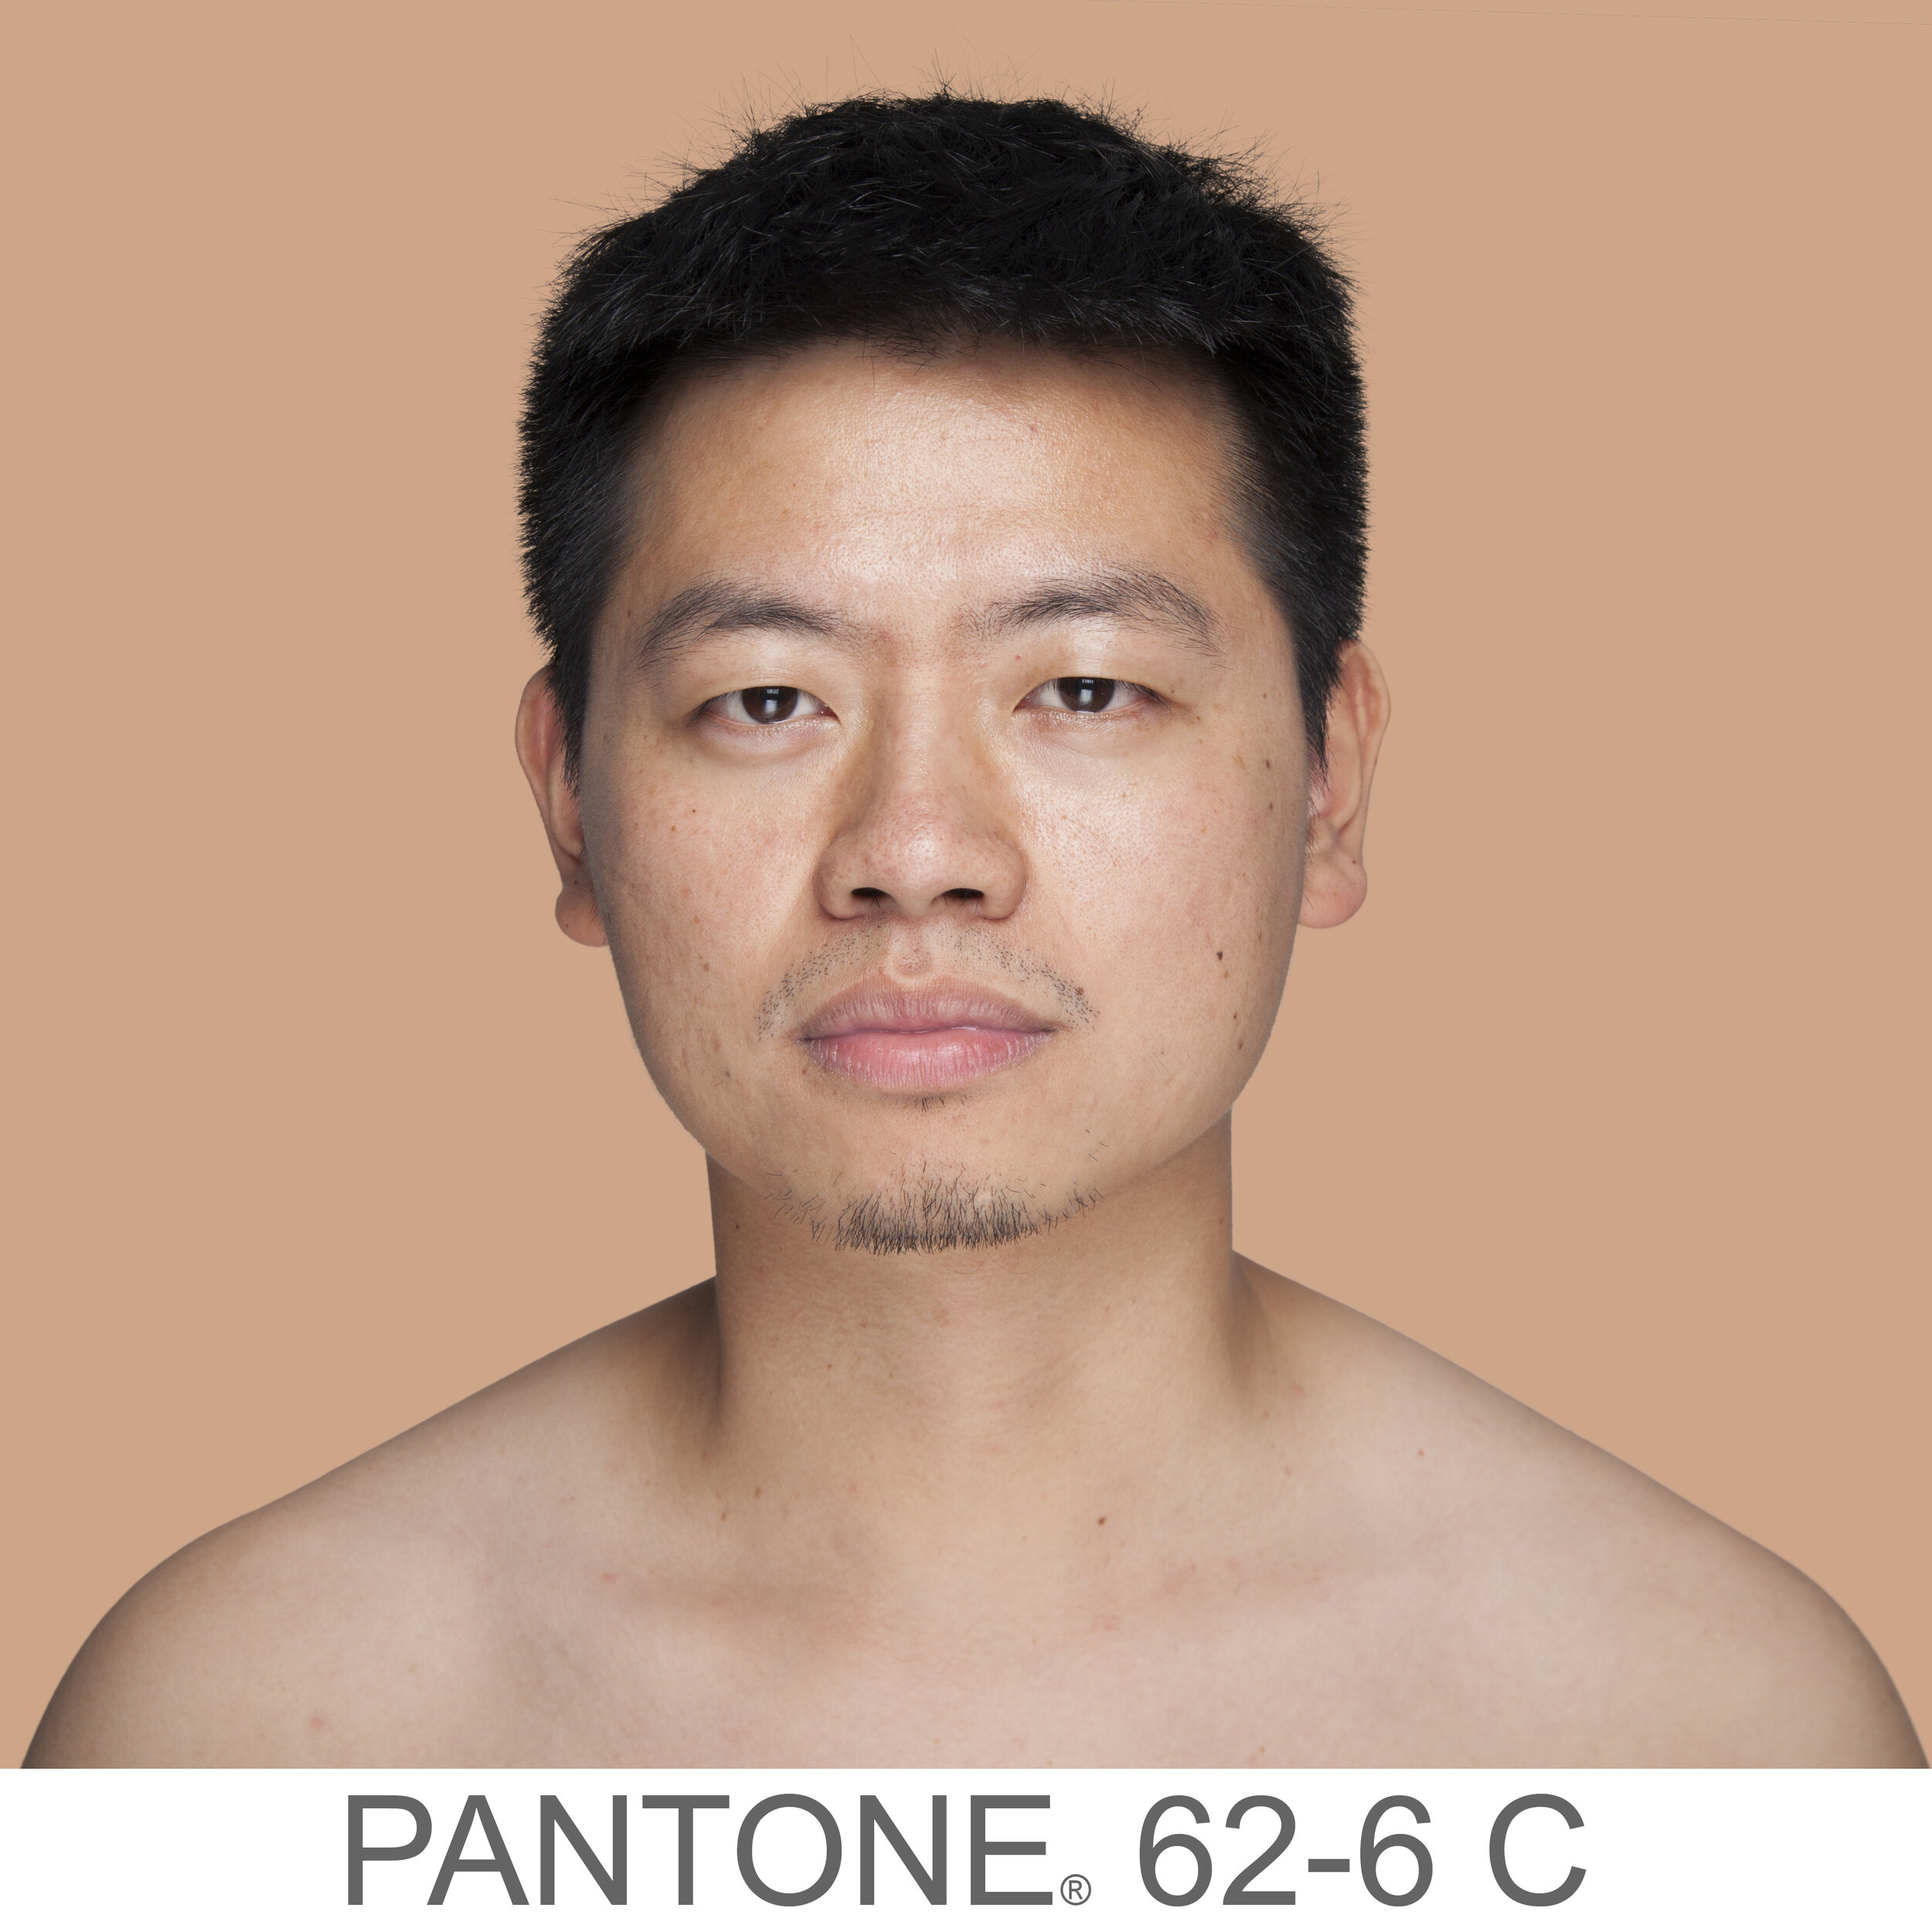 humanae 62-6 C1 CN copia.jpg